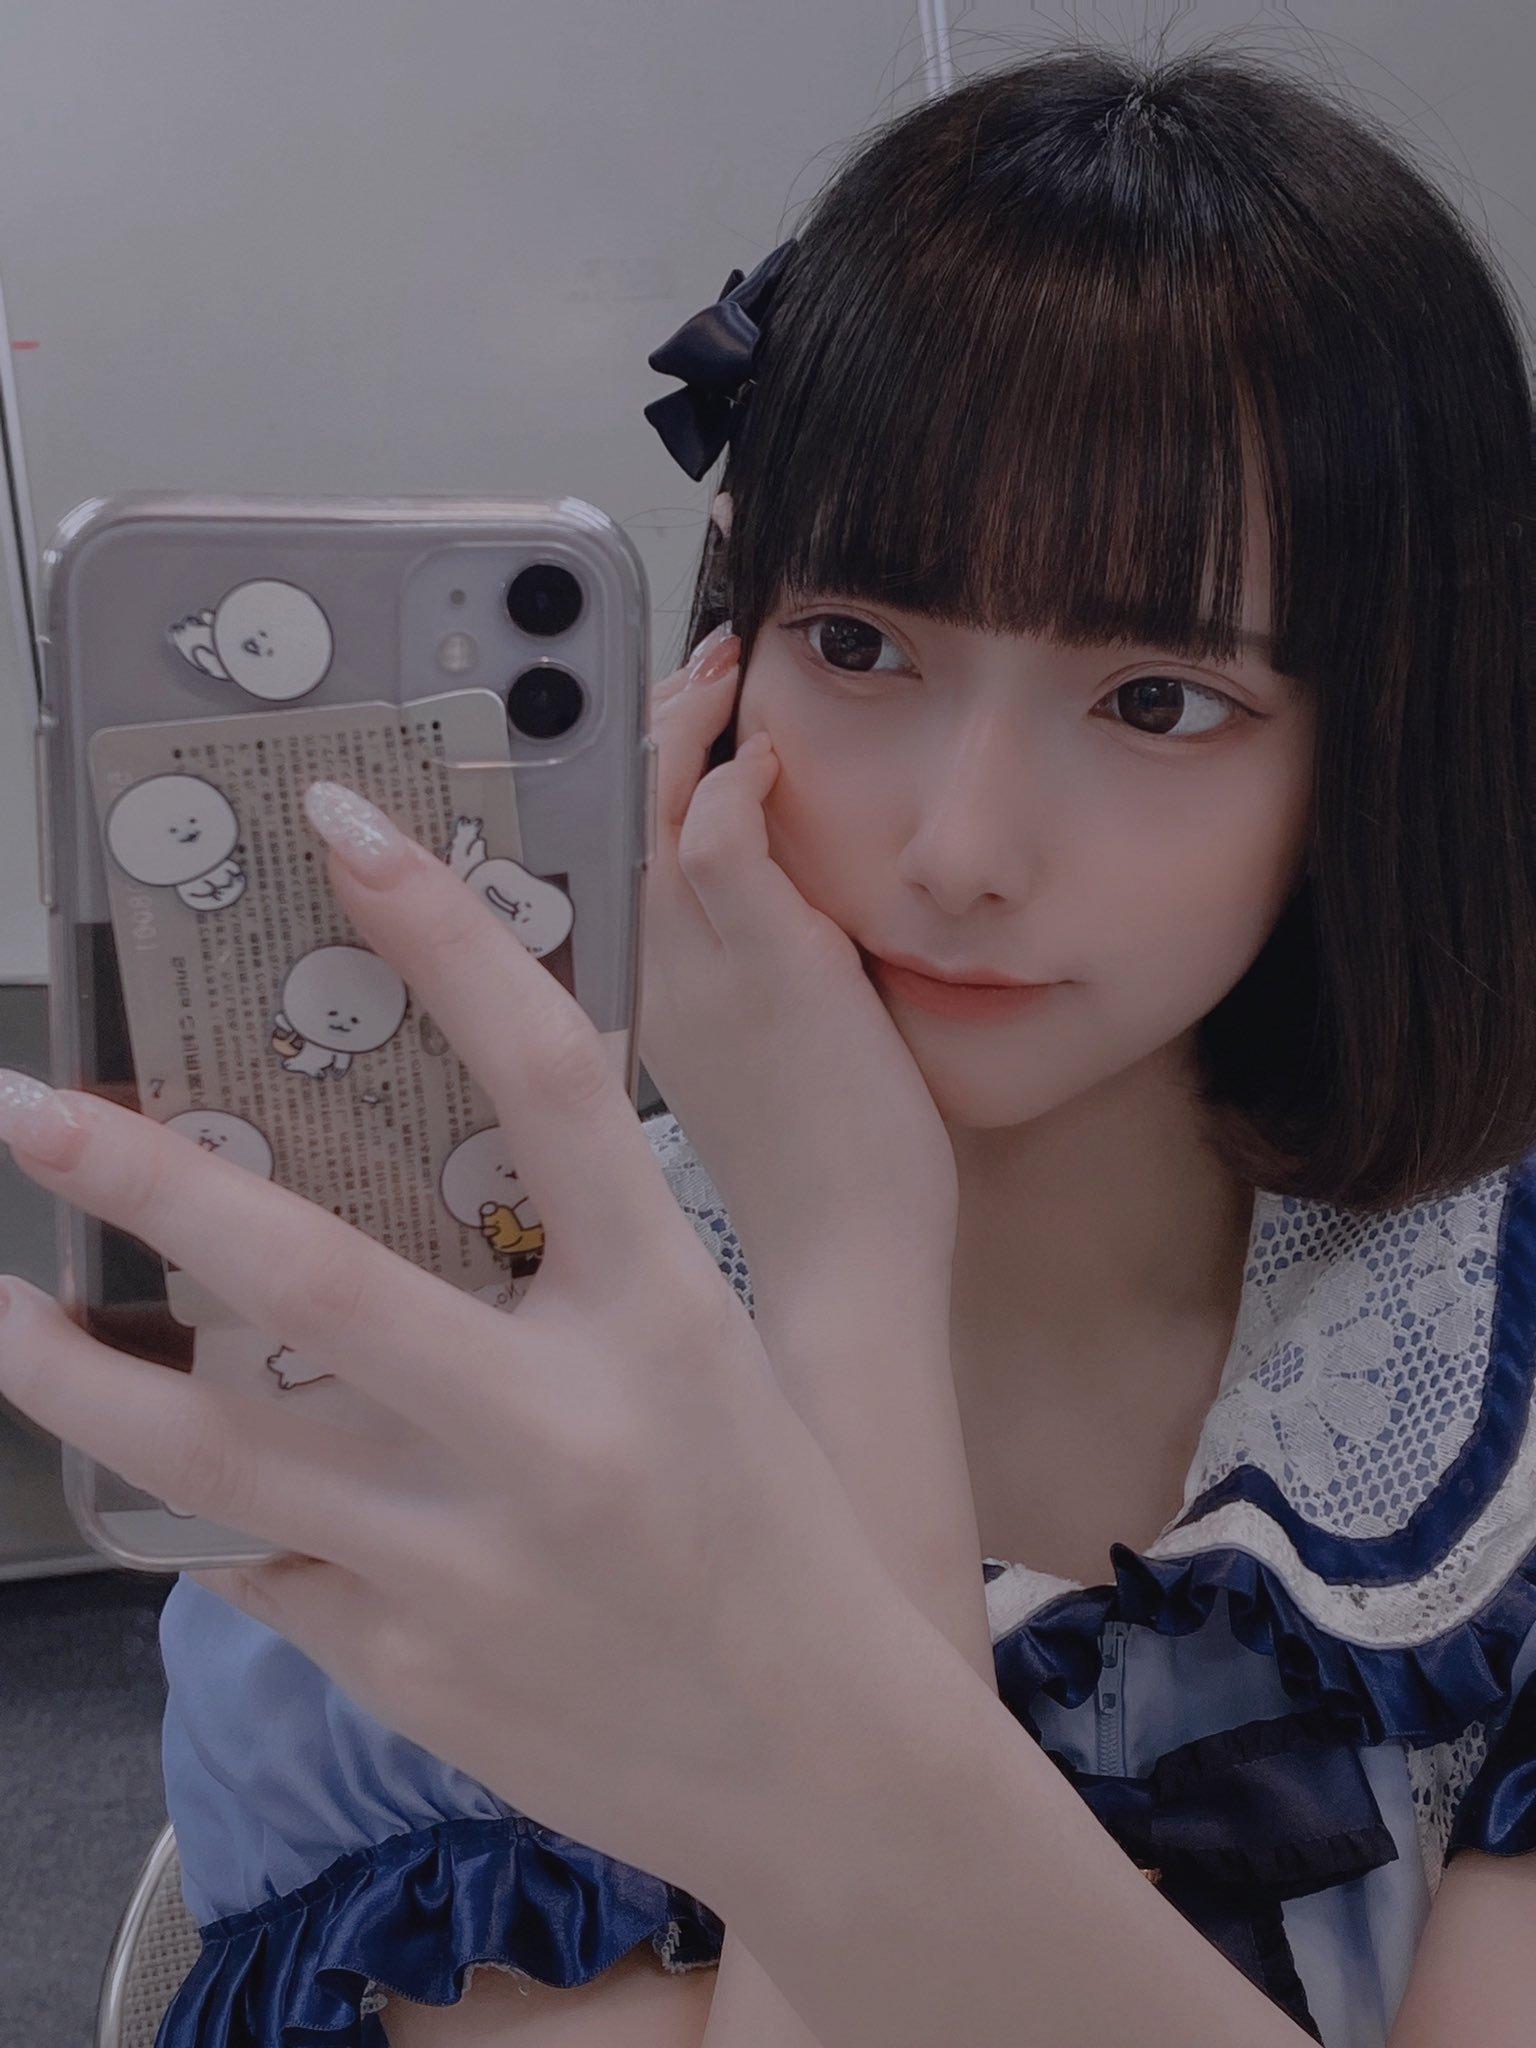 日本少女偶像天使もも写真使出招数 养眼图片 第9张